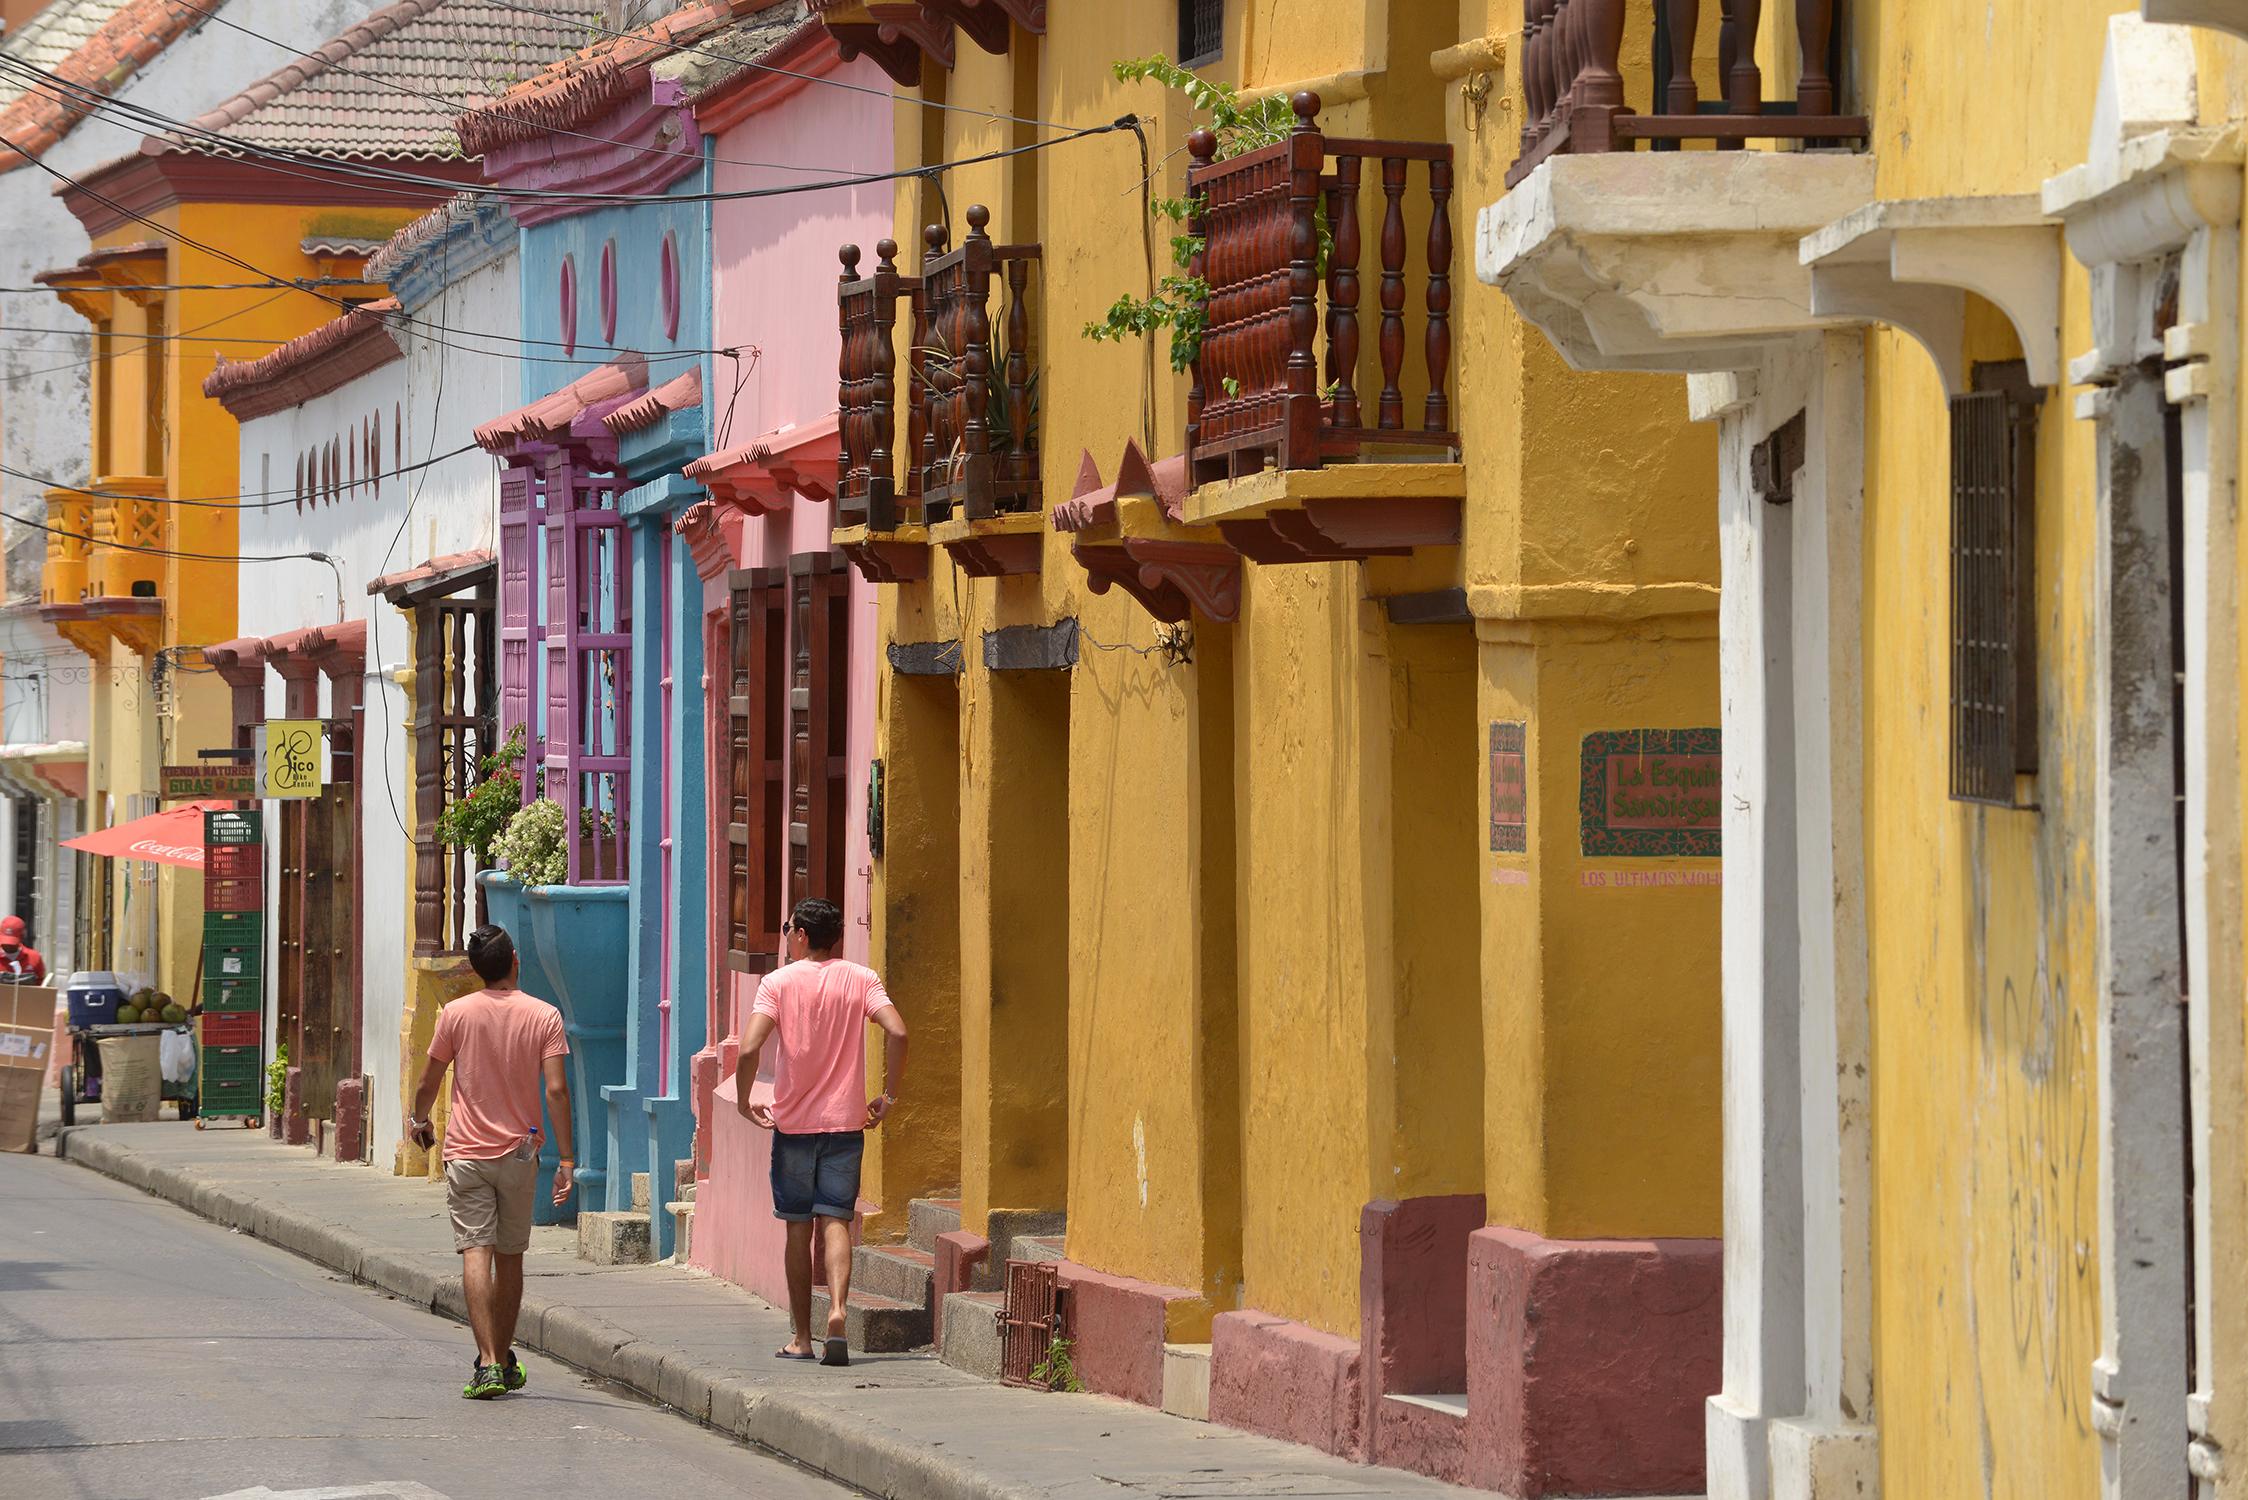 Cartagena, Cartagena de Indias, Kolumbia, Karibia